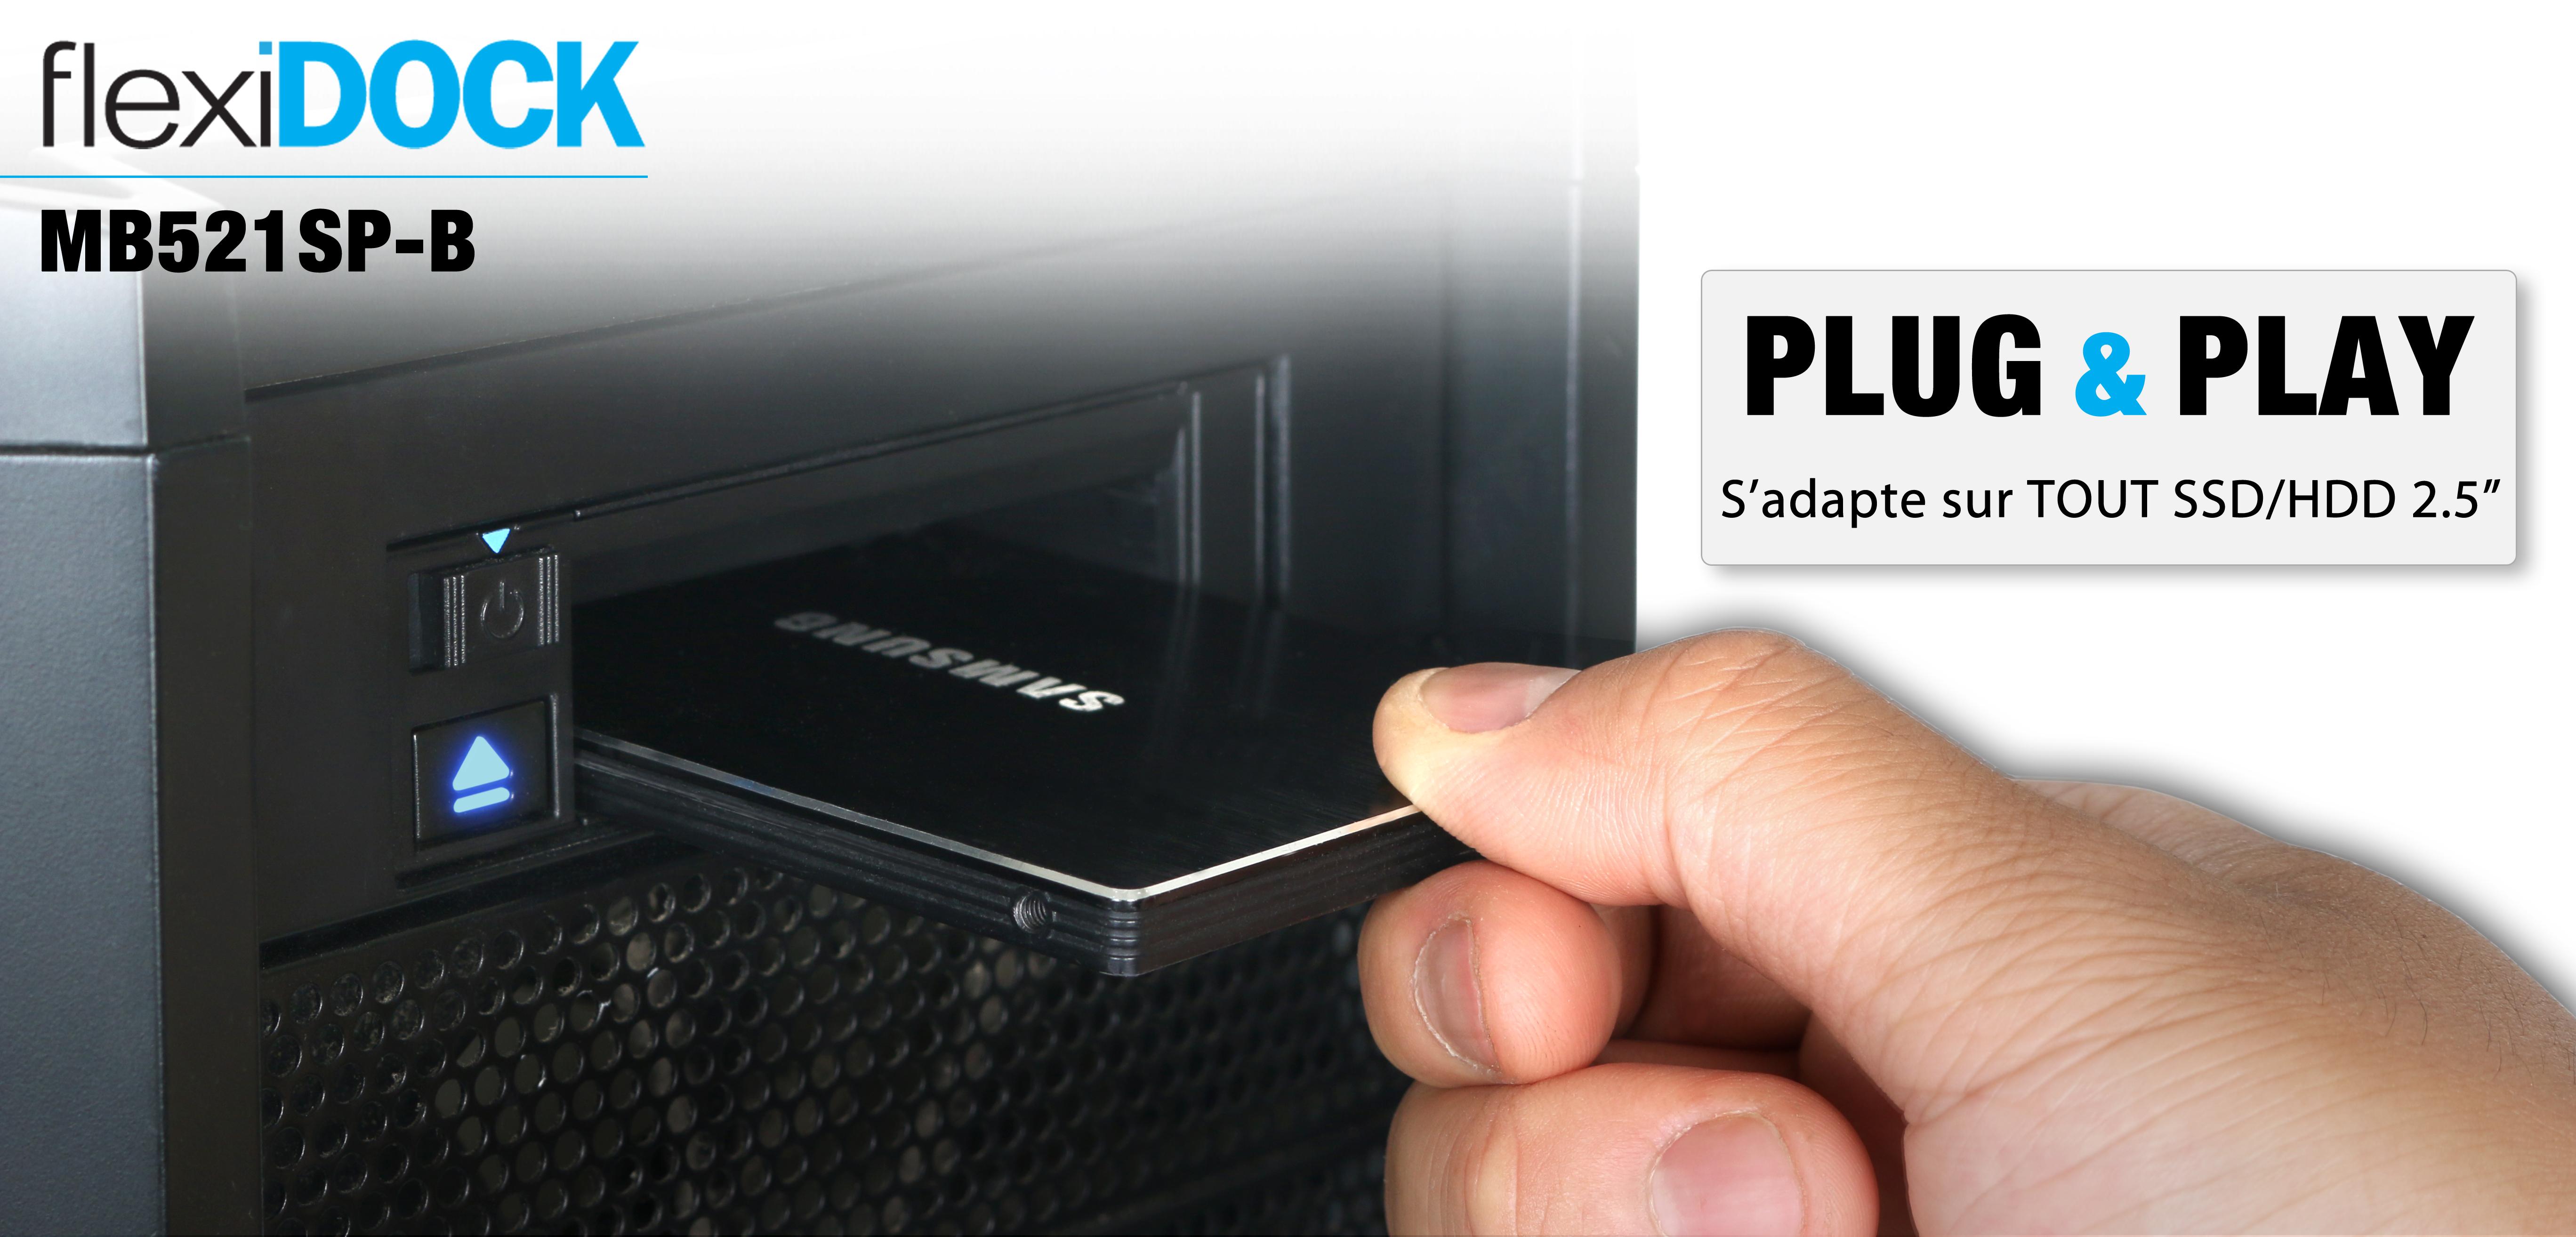 Bannière de présentation du FlexiDOCK MB521SP-B